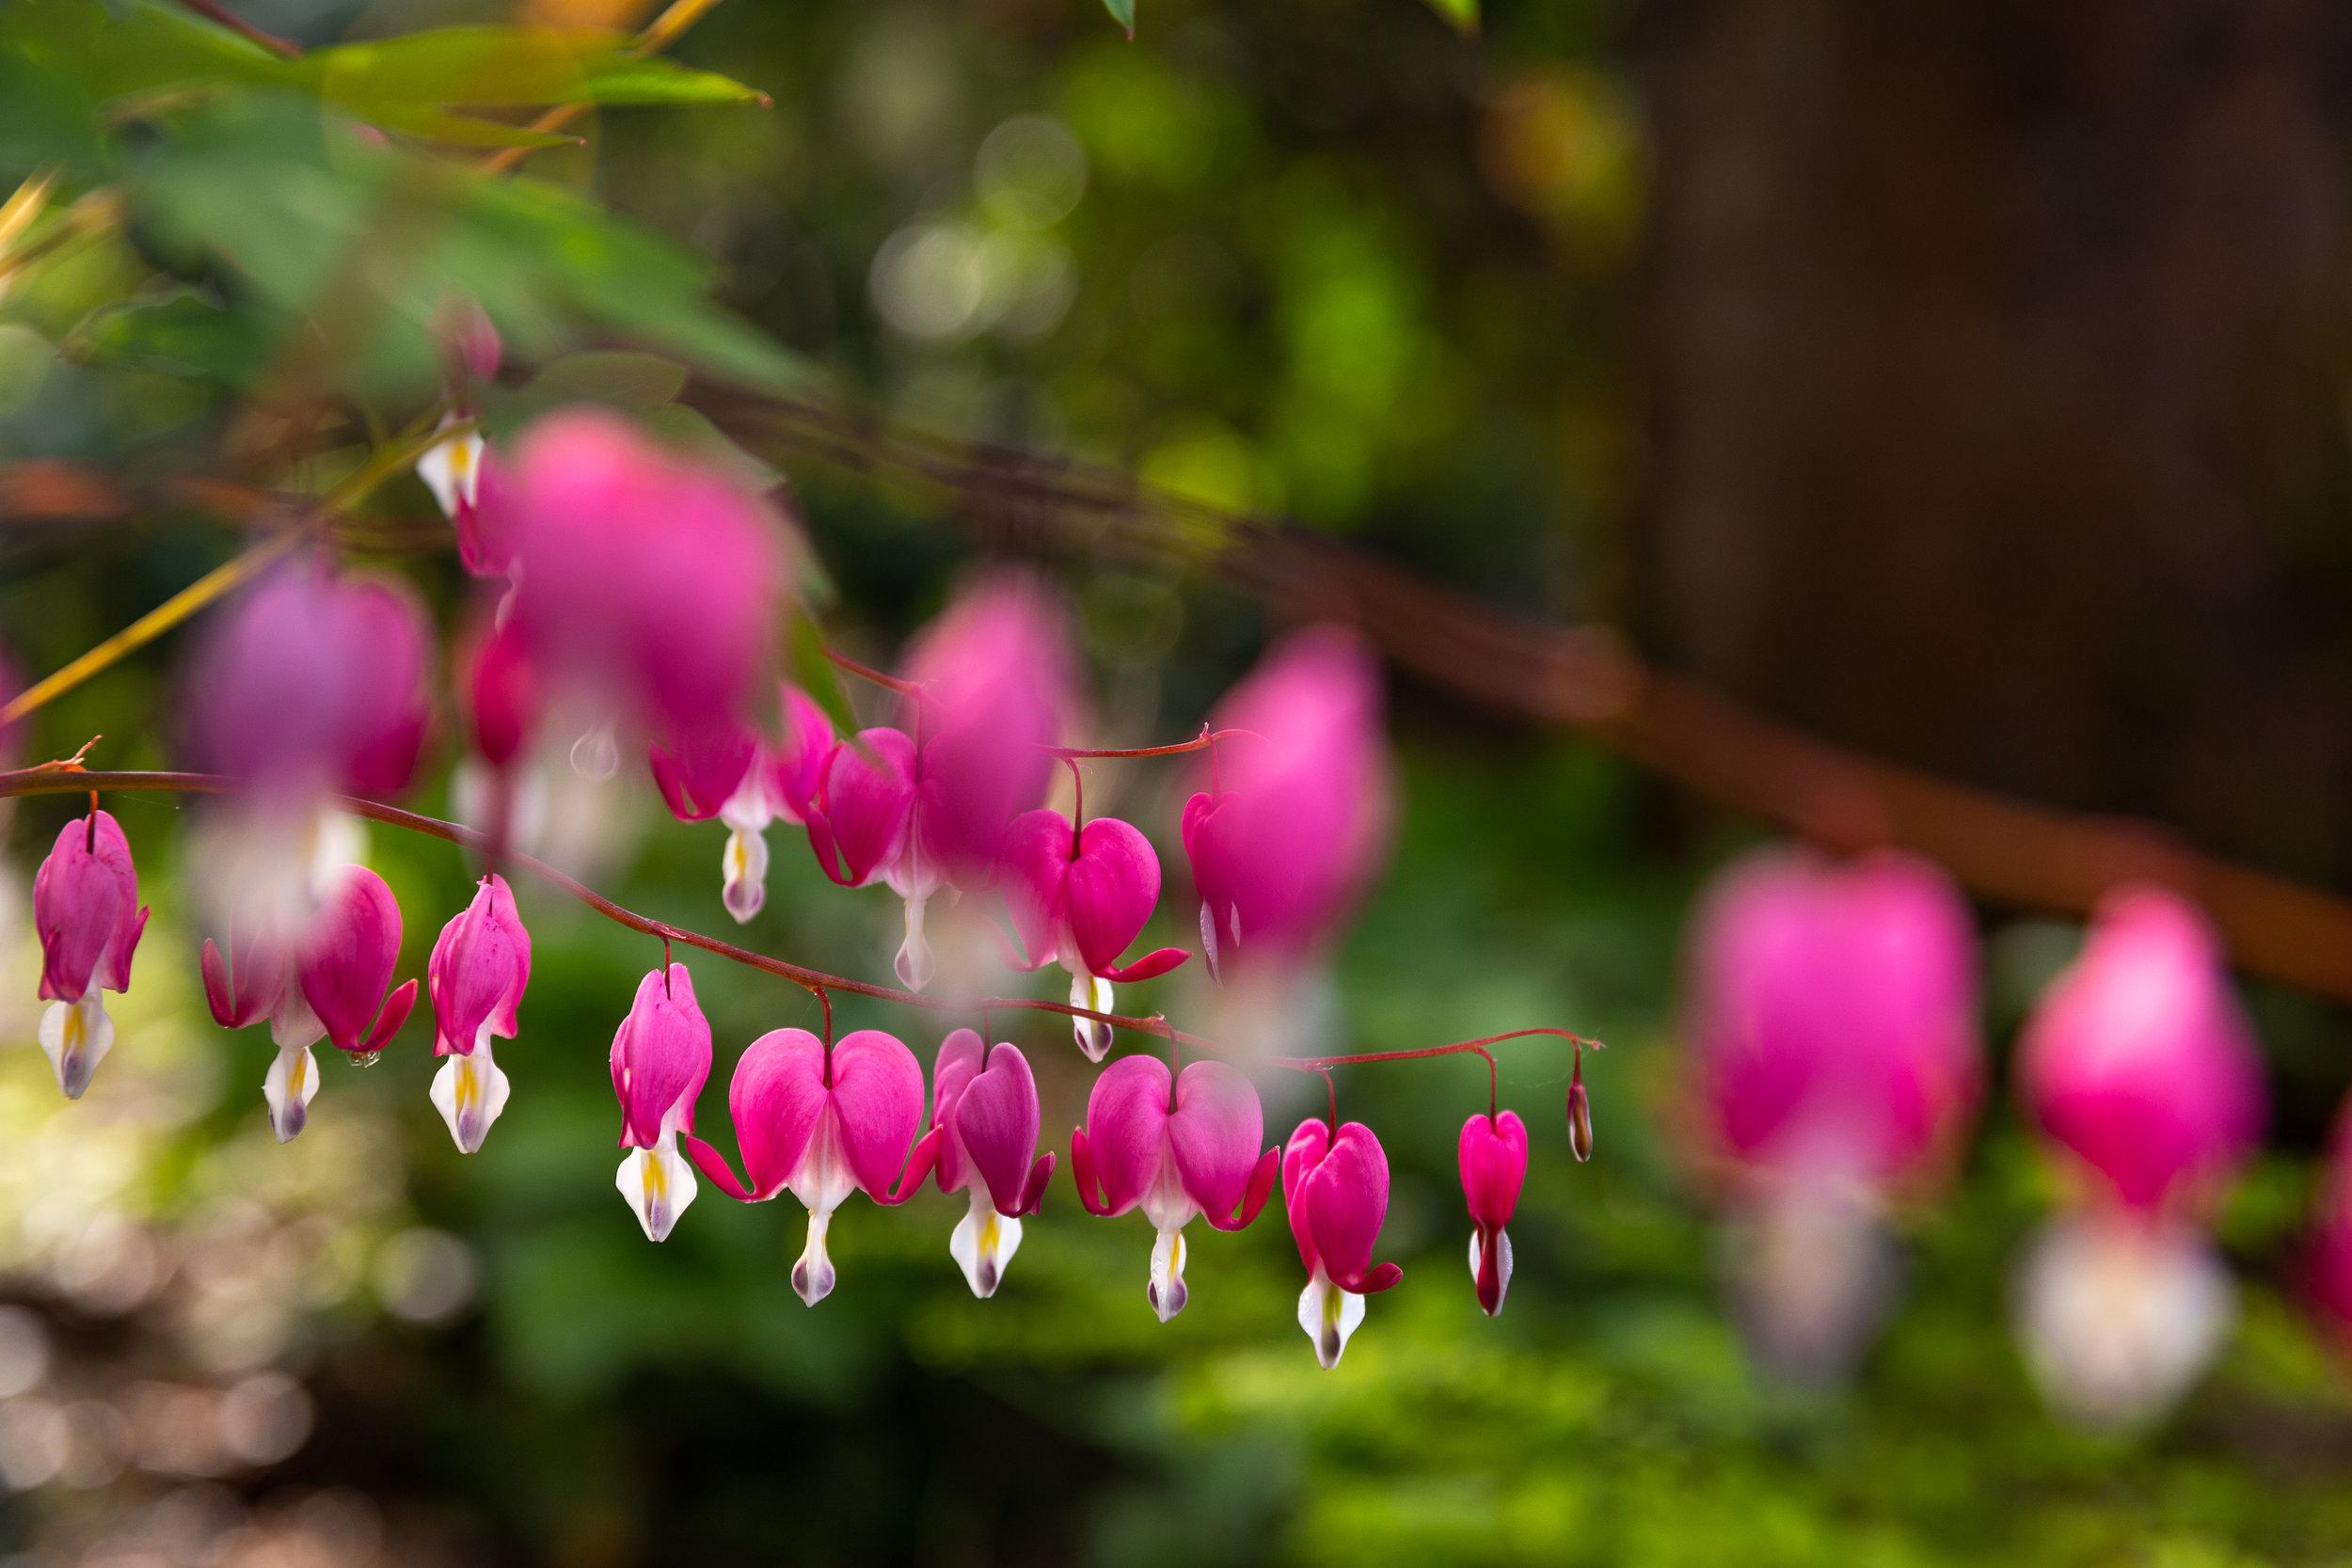 may 7 otis garden flowers oly 2018 5 star edits jenny l miller (157 of 368).jpg